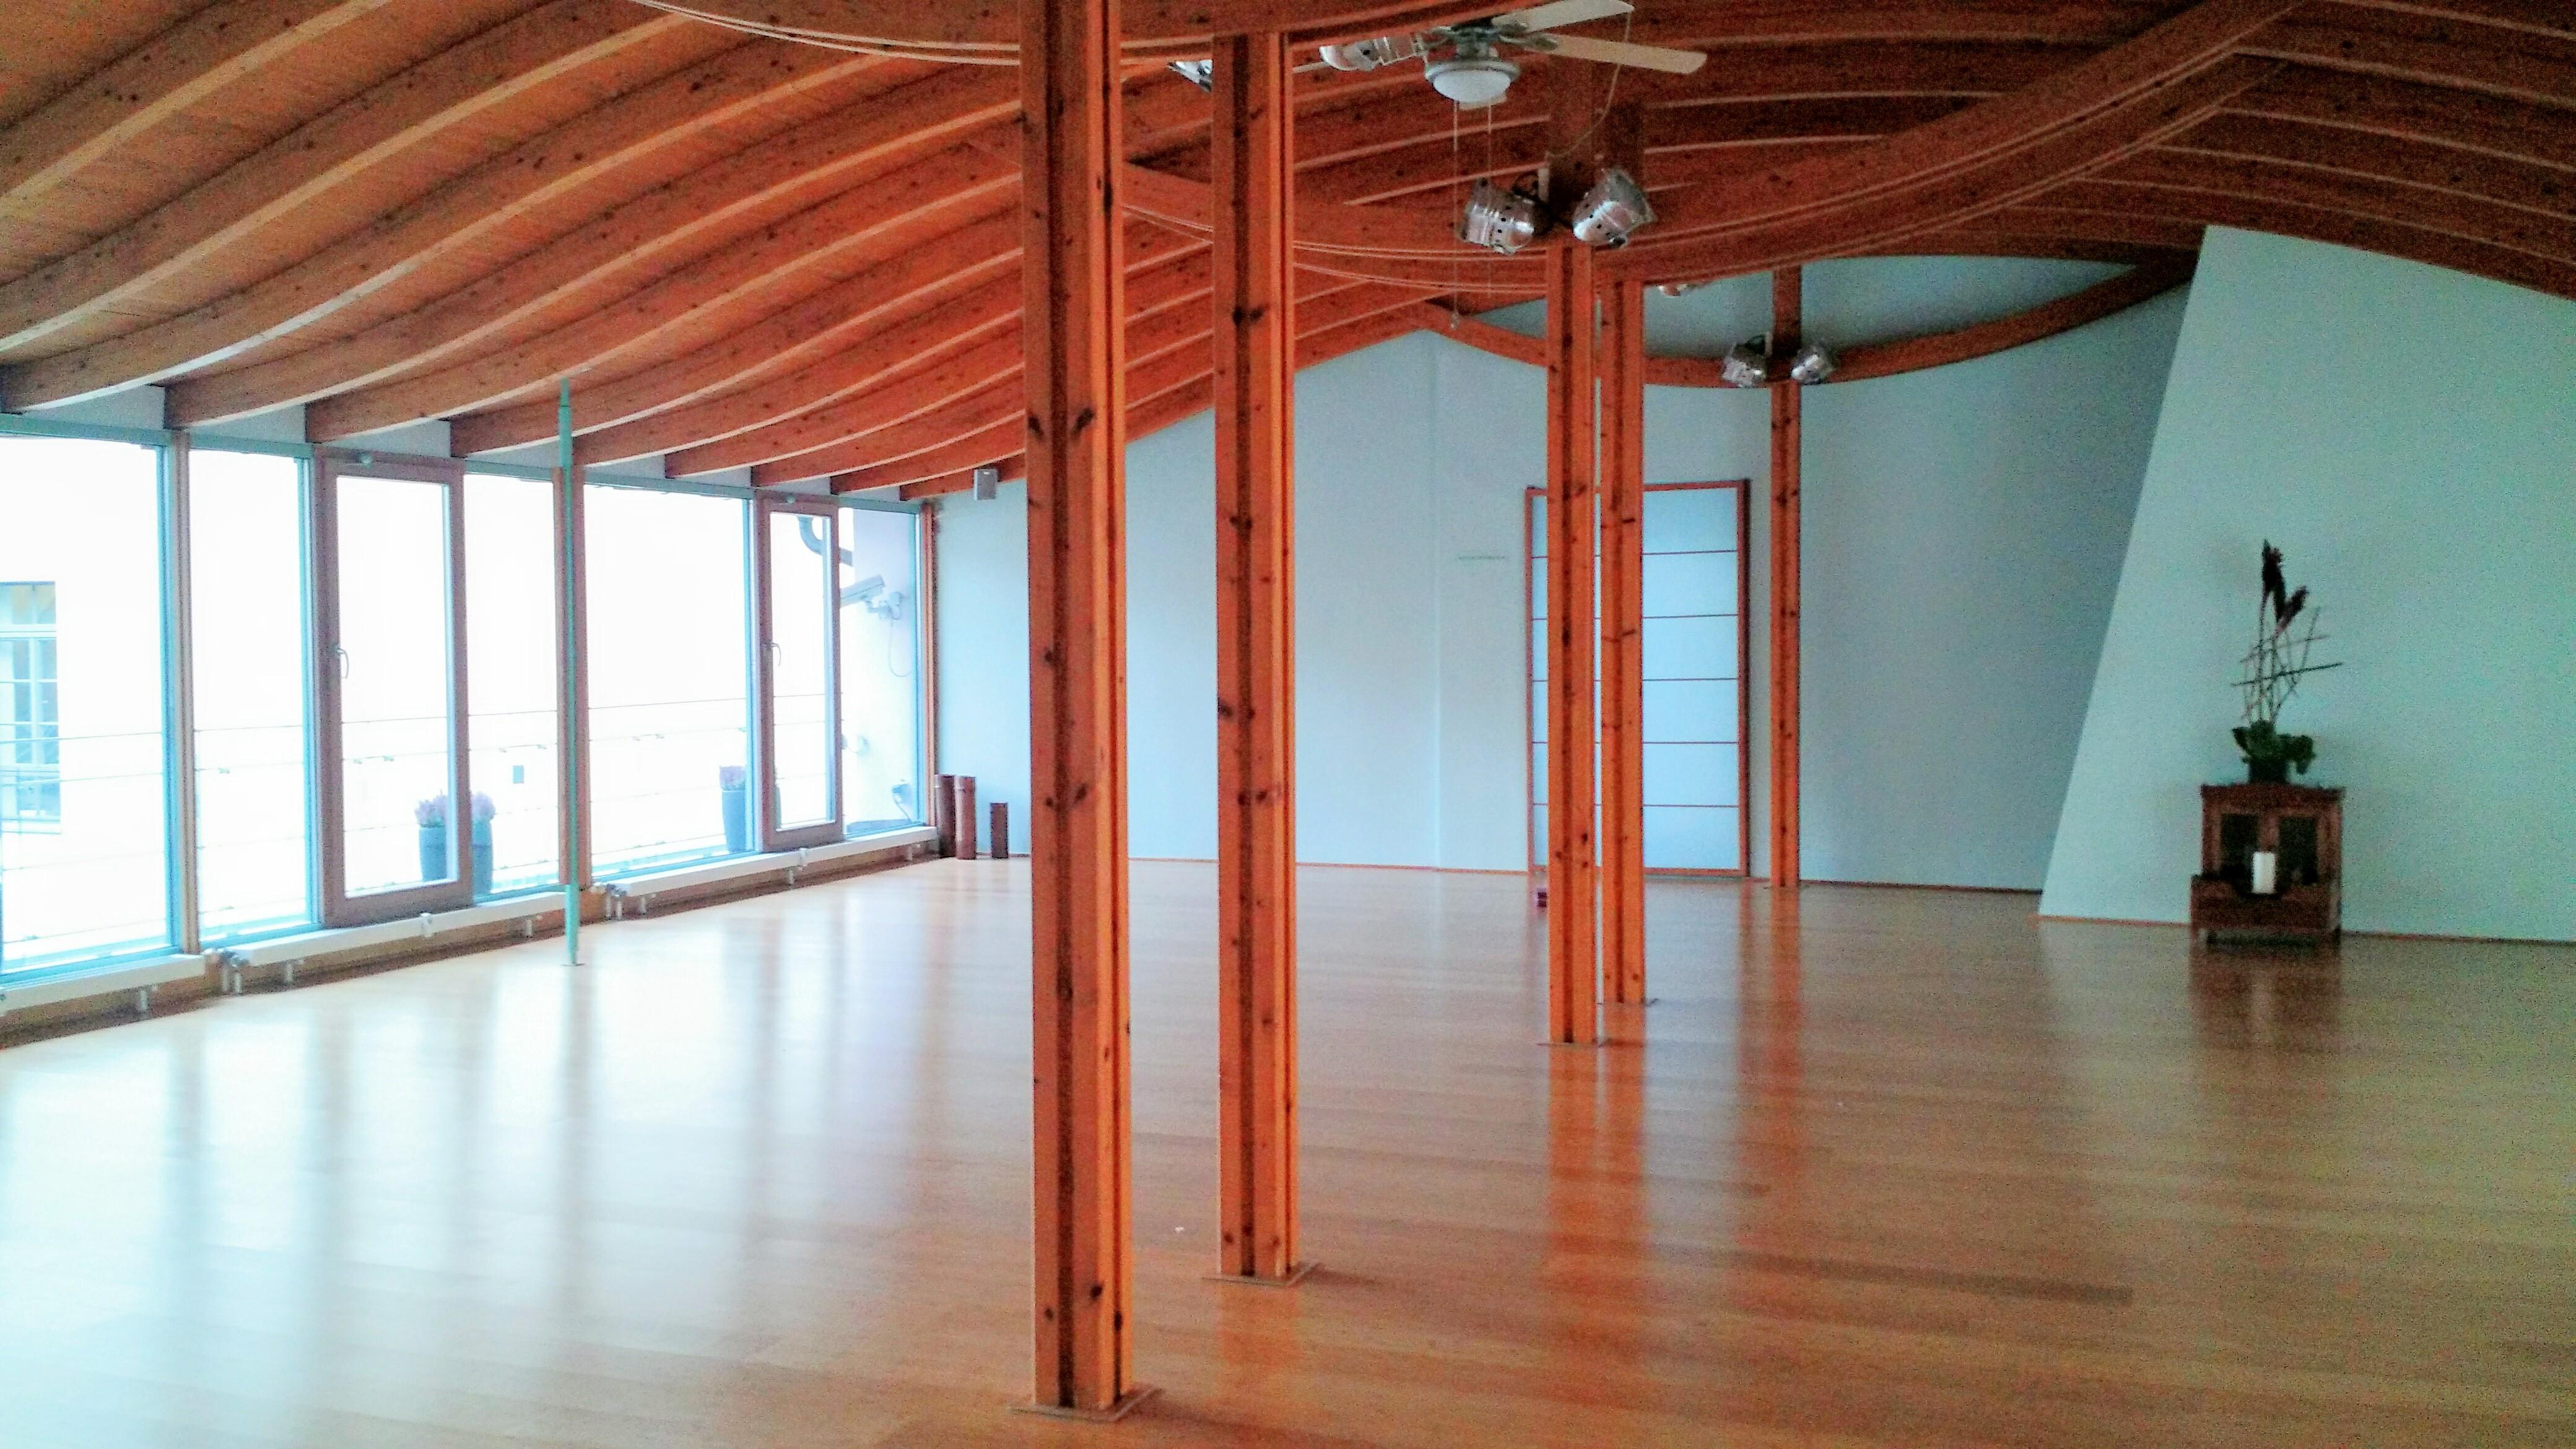 spirit yoga berlin mitte review lena mendez. Black Bedroom Furniture Sets. Home Design Ideas